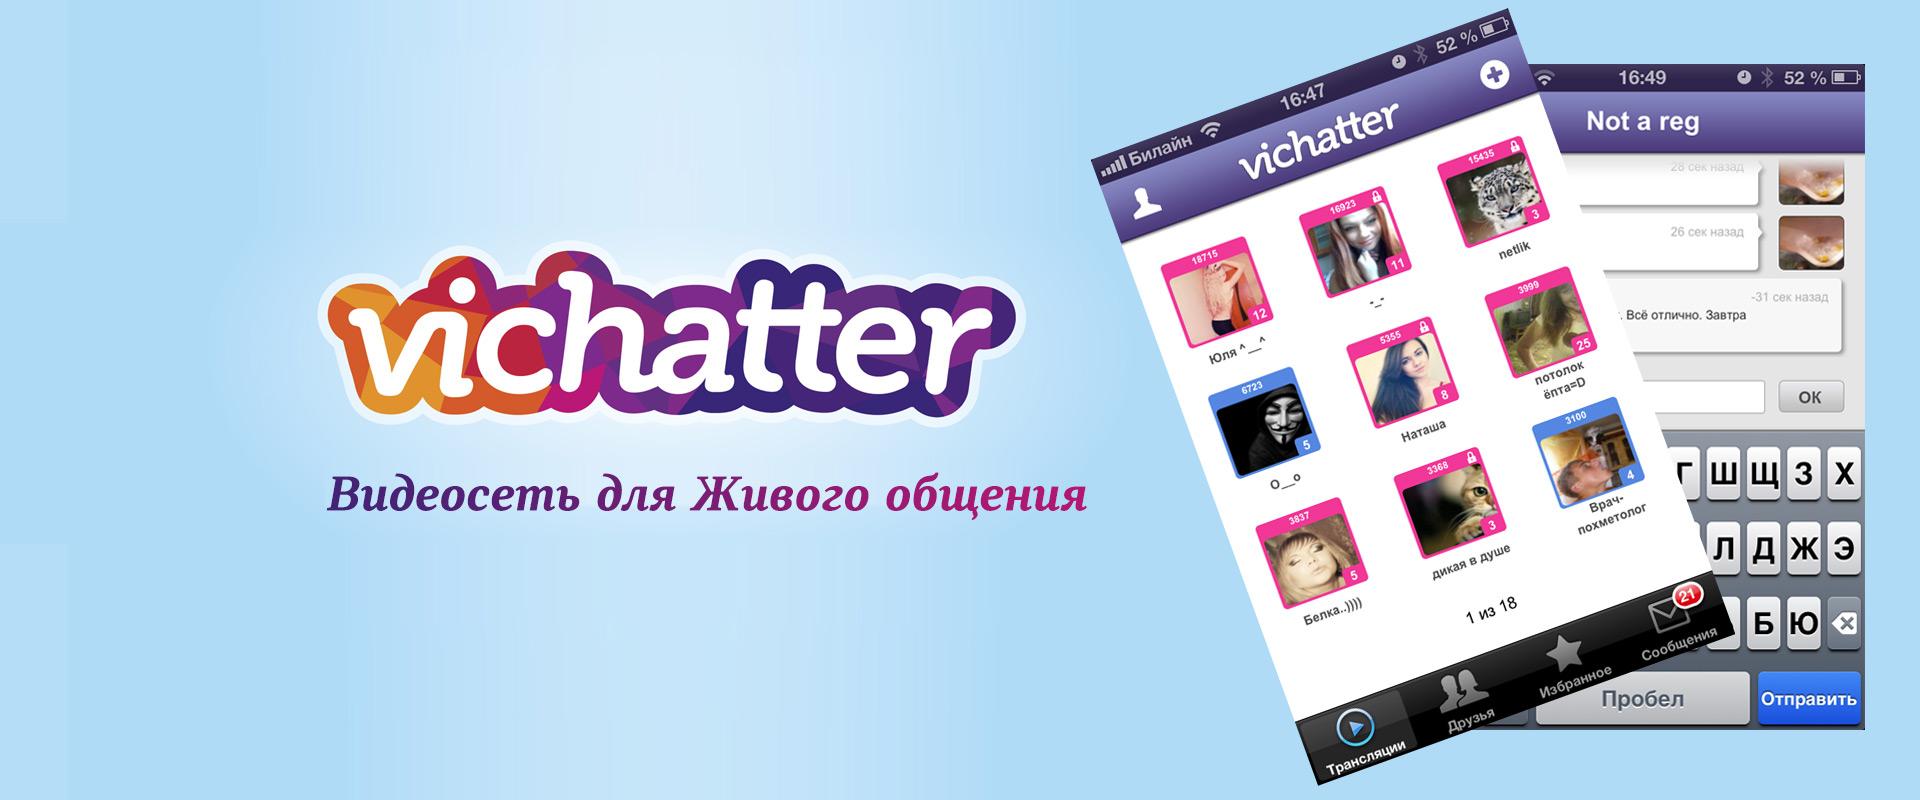 slide_app_vichatter_ru